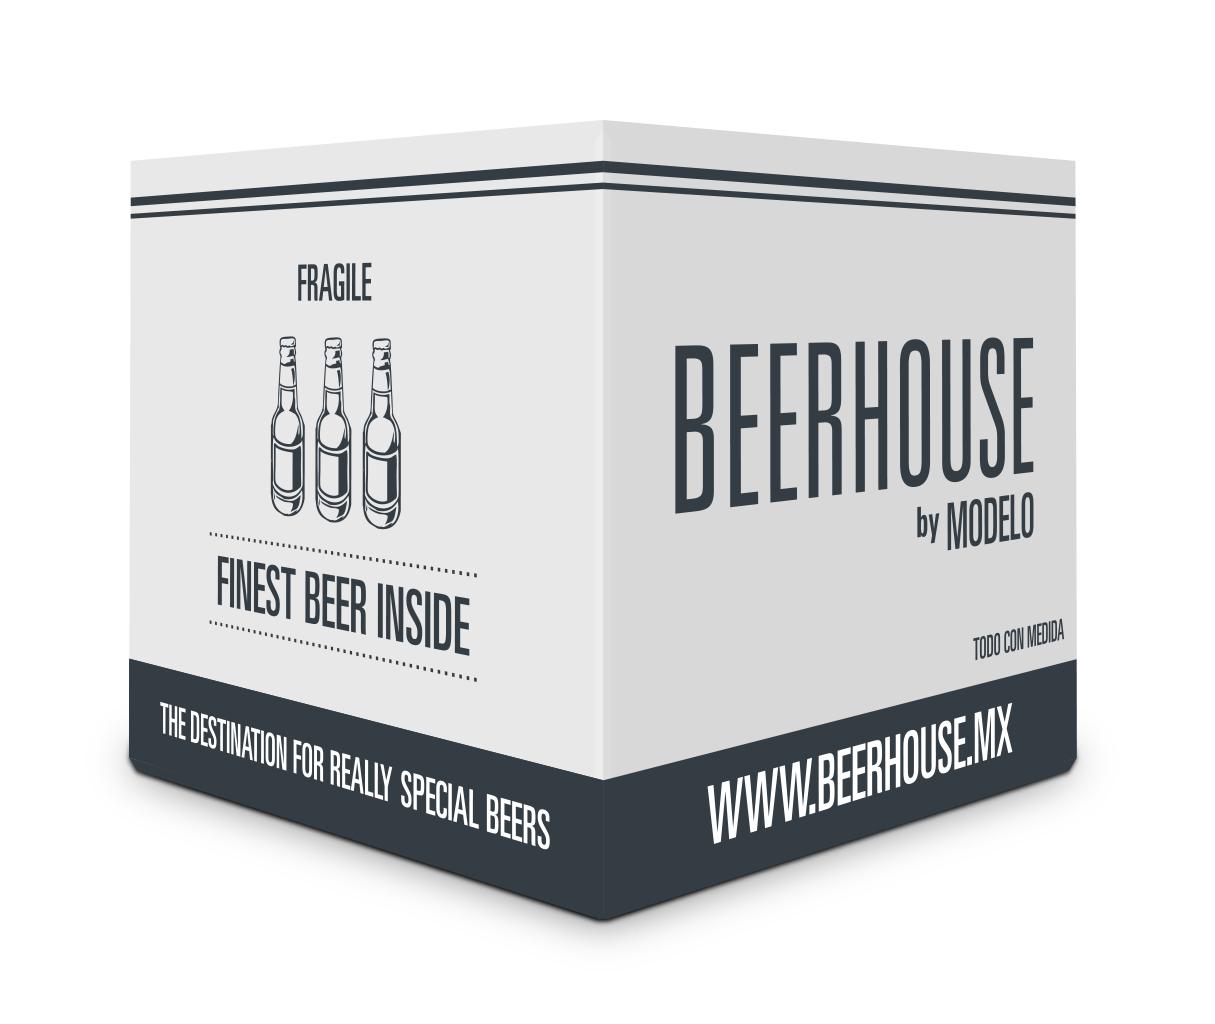 Beerhouse: Descuentos en varias cervezas por el Buen Fin 2015